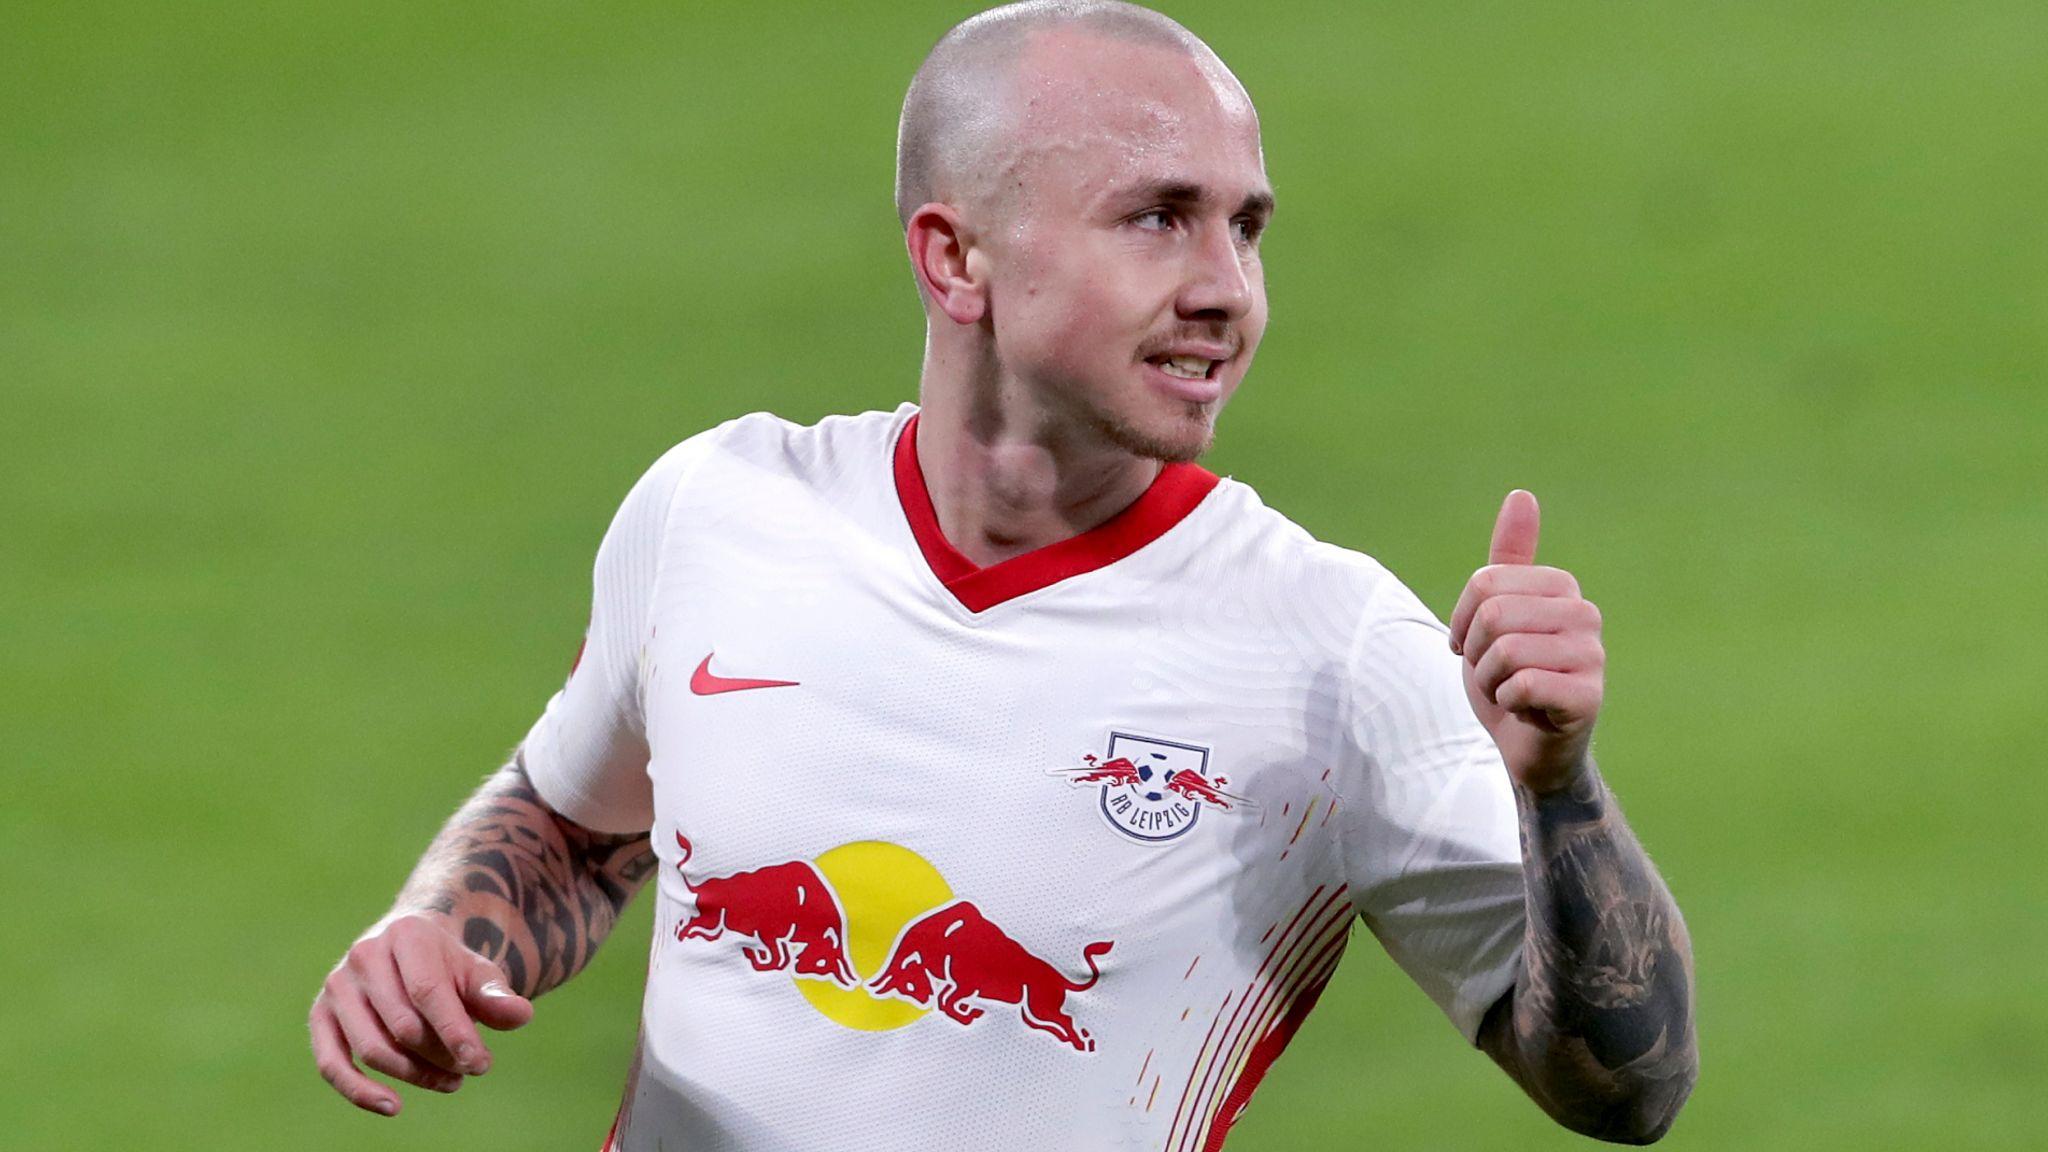 Đội hình tiêu biểu vòng 6 Bundesliga: Kramaric trở lại, cựu sao Man City  - Bóng Đá